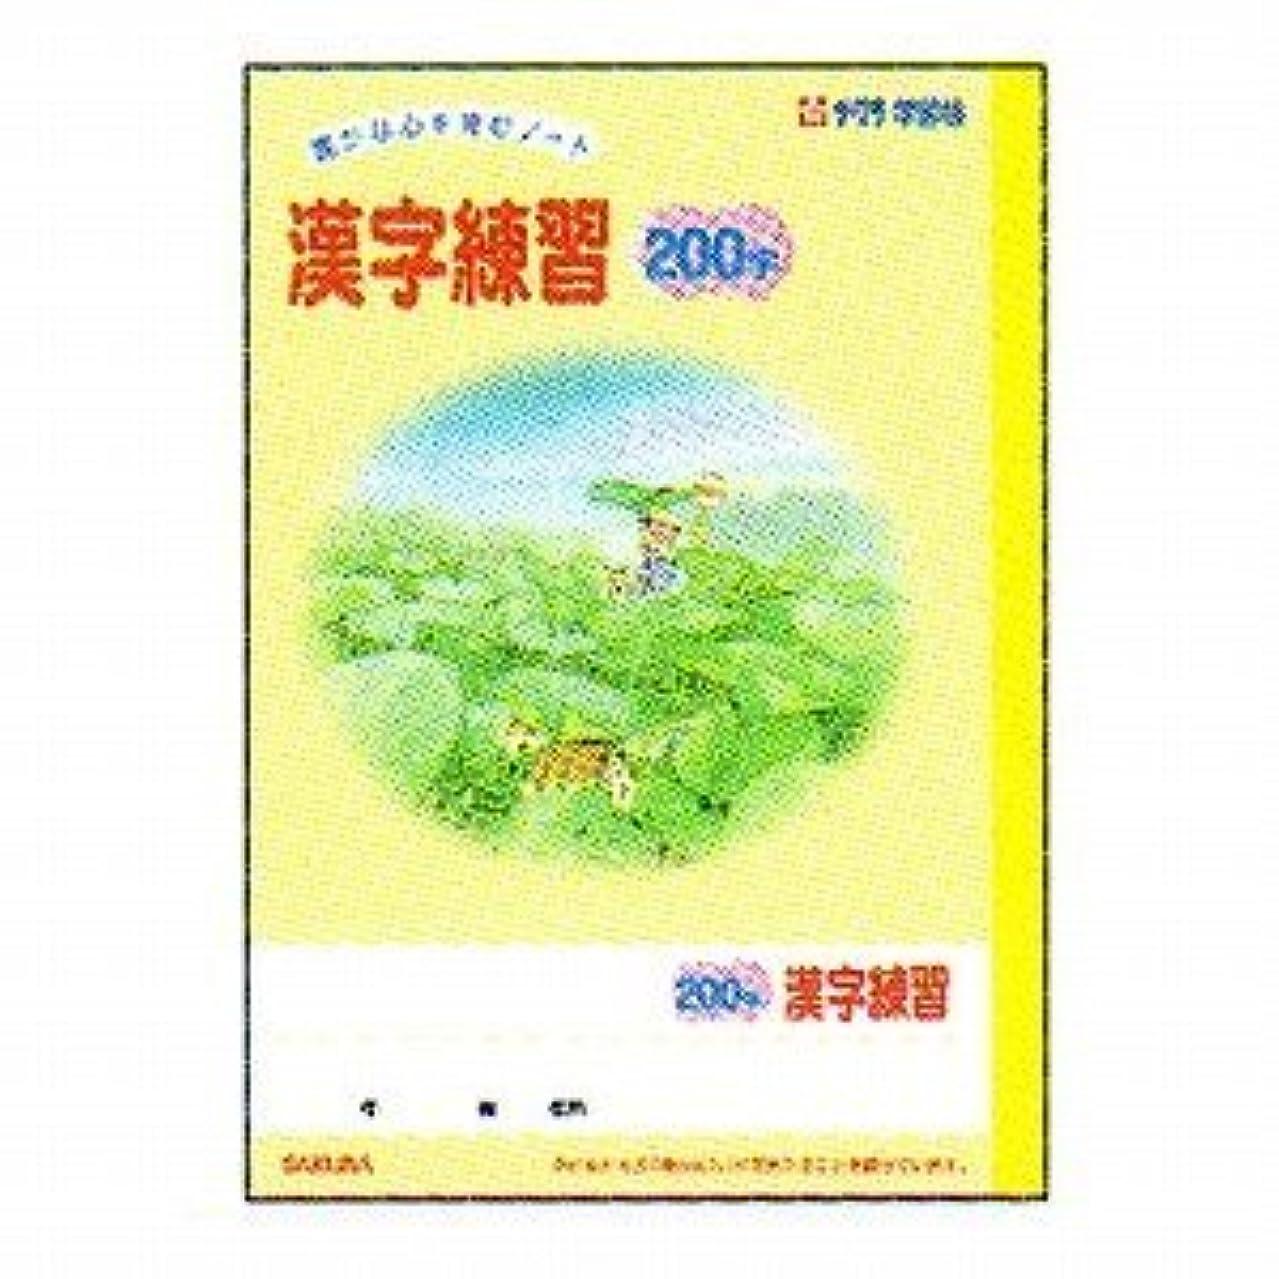 ネット労苦運賃サクラクレパス サクラ学習帳漢字200字 GNKA-200Z 10セット